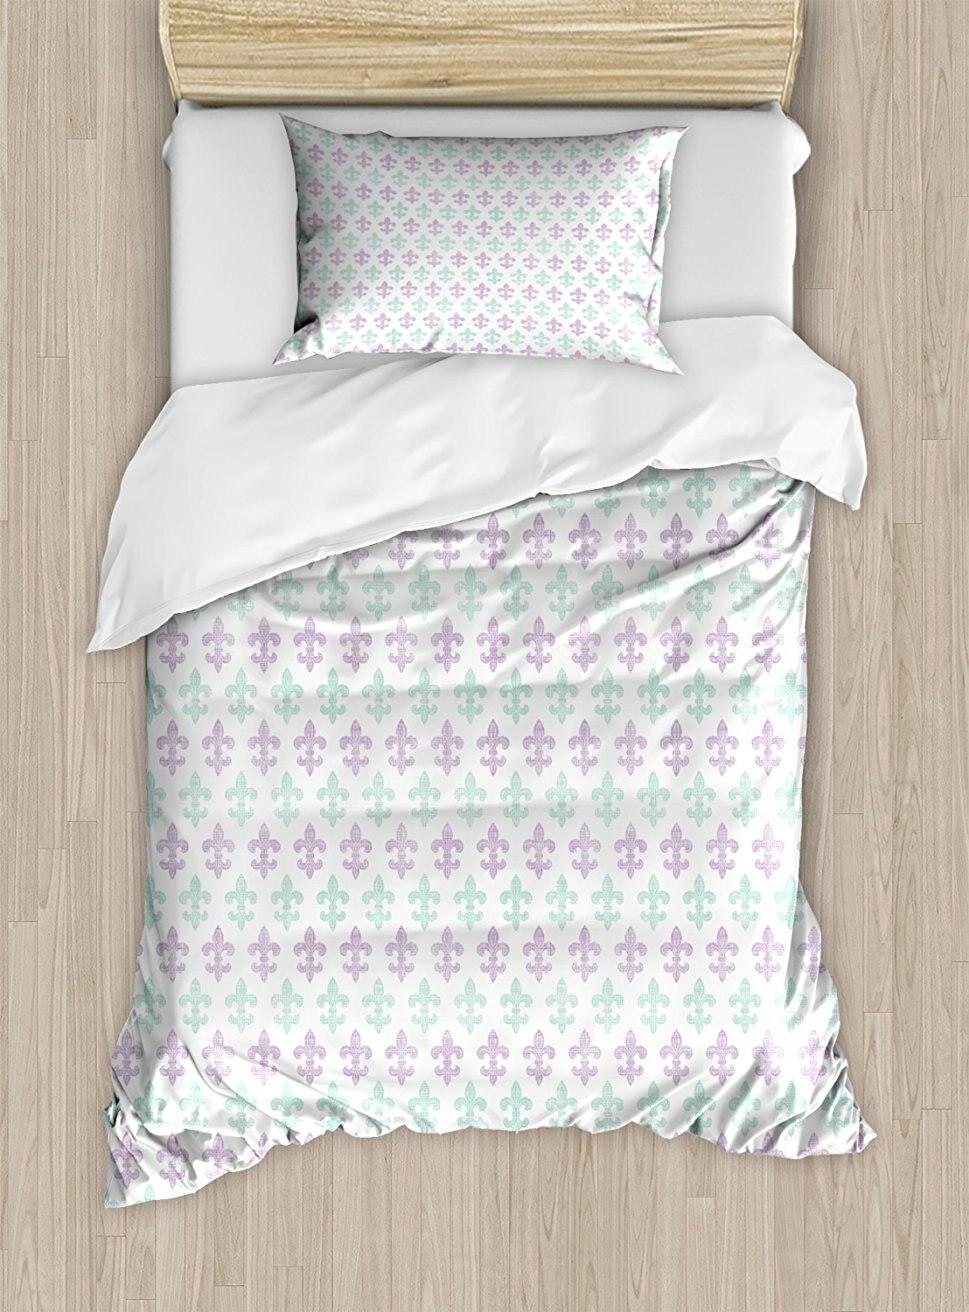 Флер де Лис набор пододеяльников, абстрактные старомодные цветы лилии с гранж вид пастельных цветов, 4 комплект постельного белья